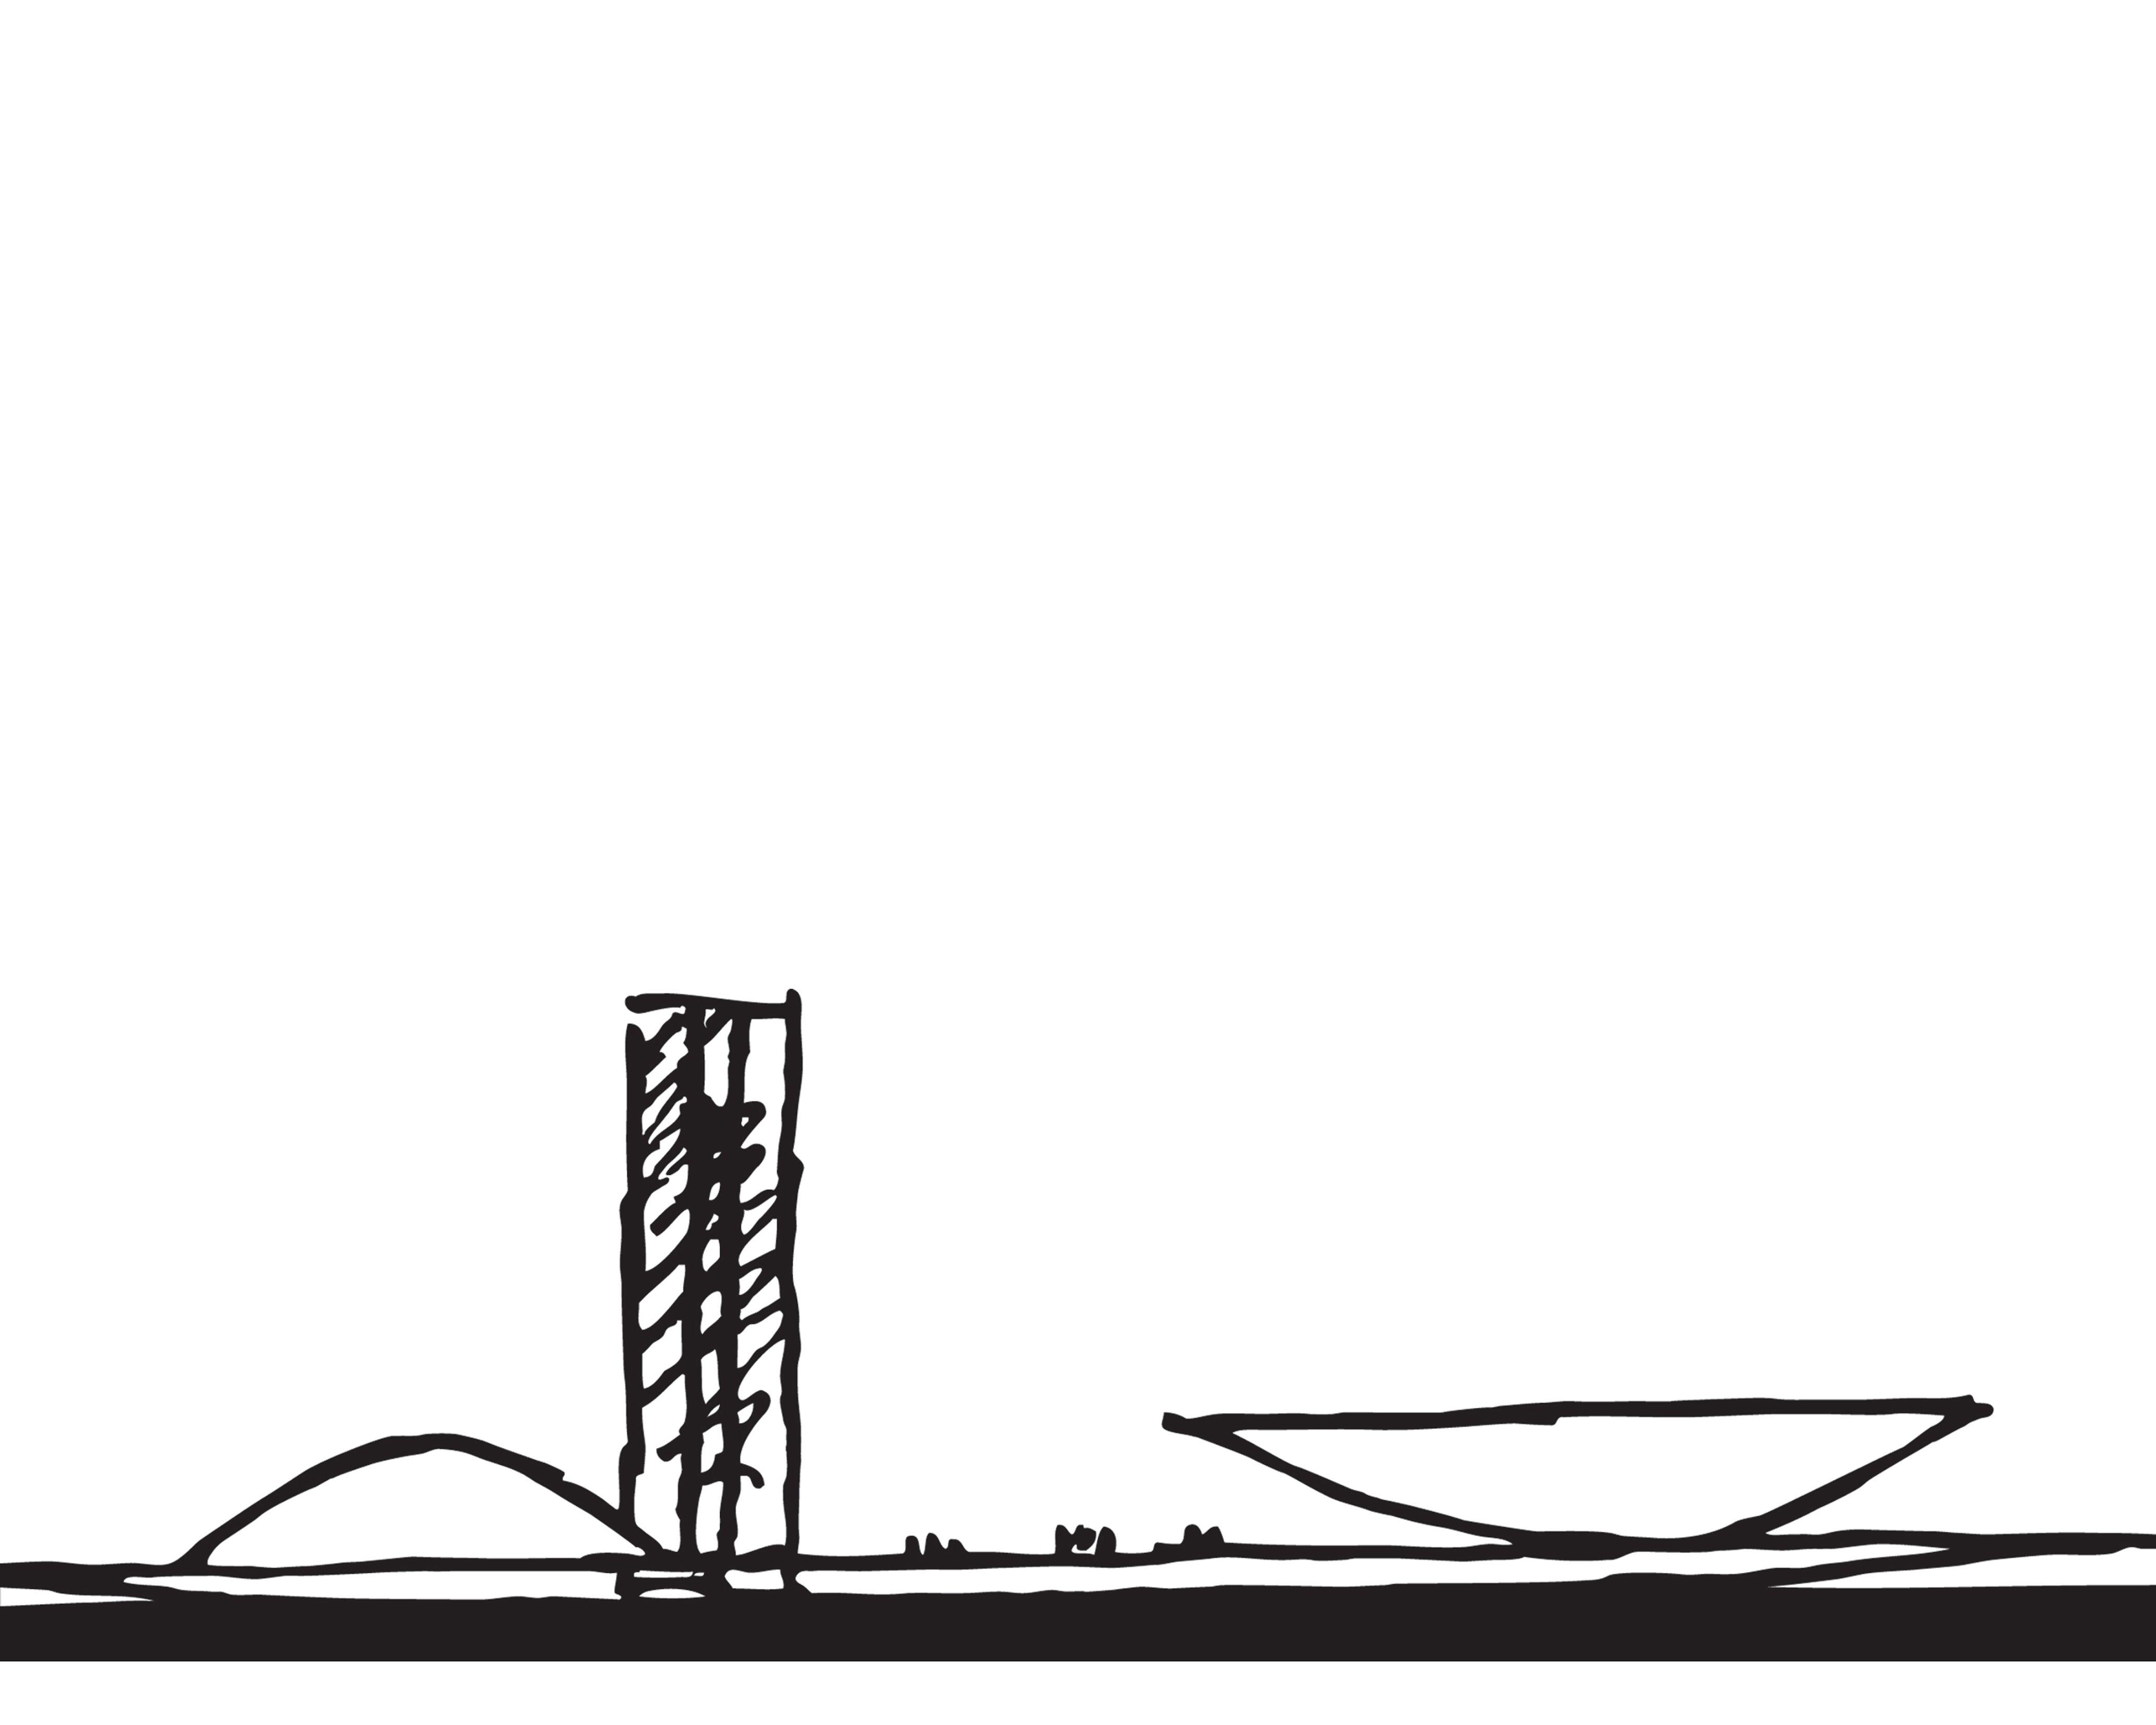 Oscar Niemeyer Brasila Obras De Oscar Niemeyer Oscar Niemeyer